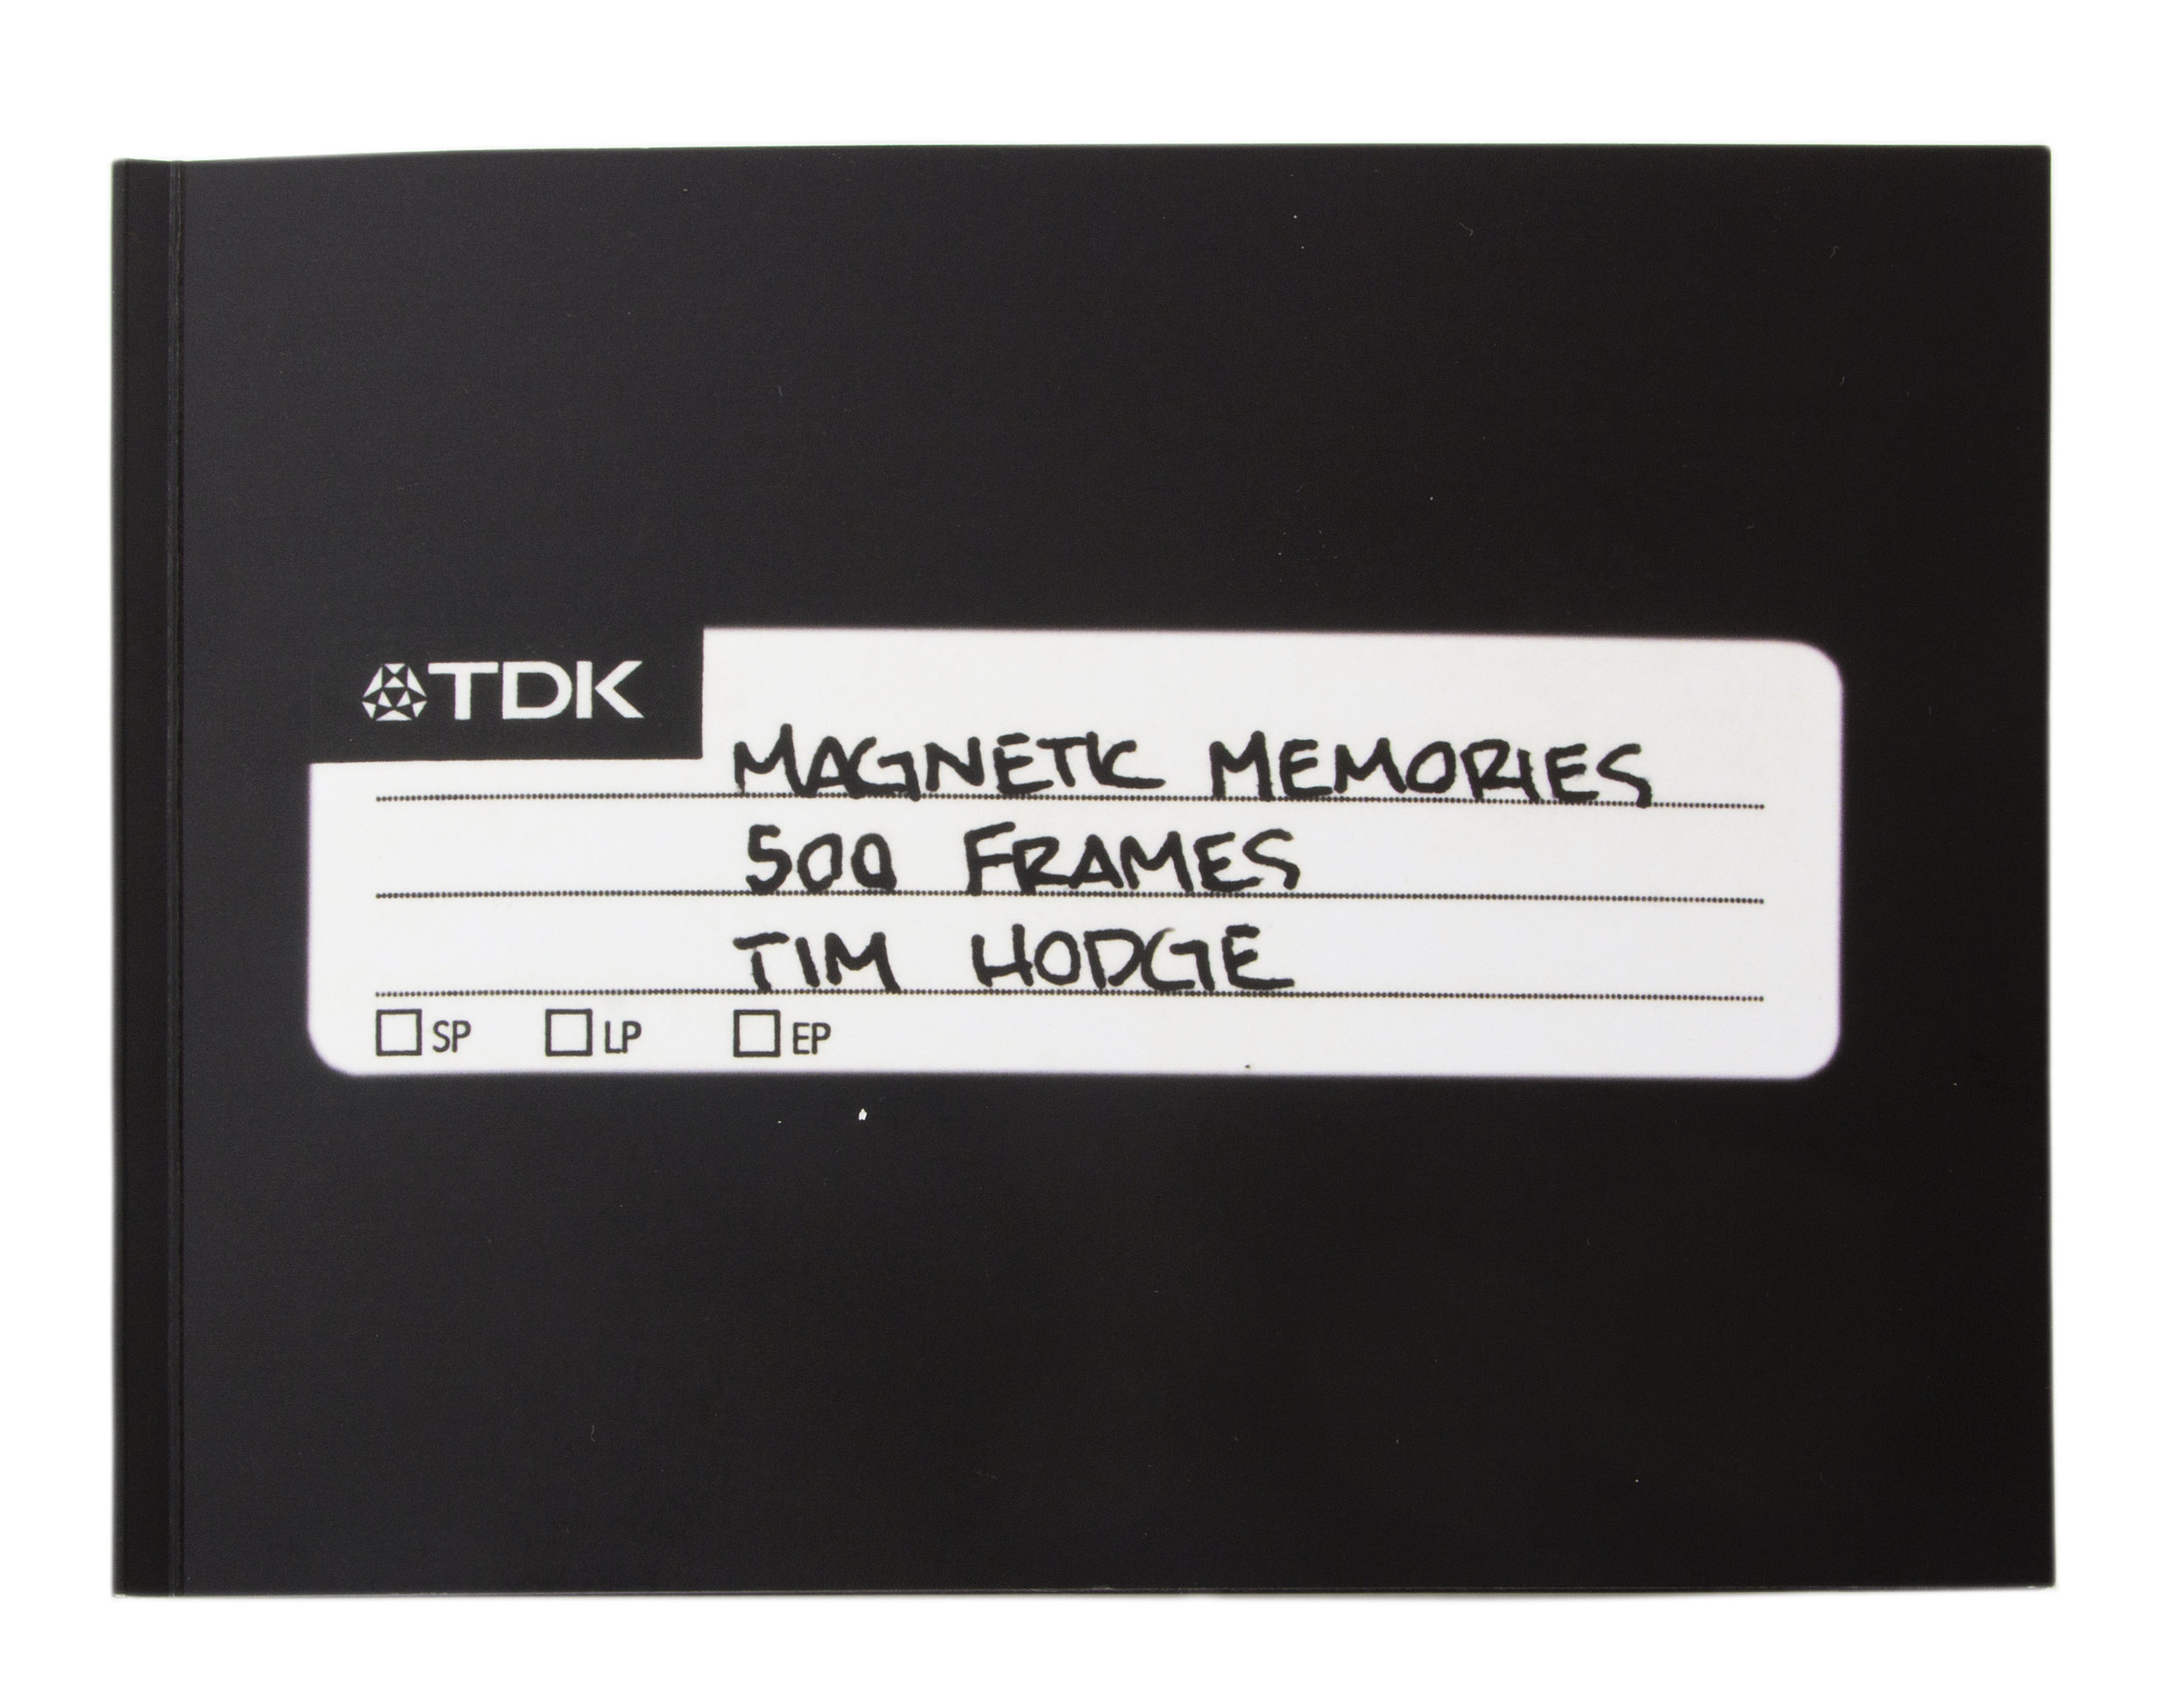 Magnetic Memories